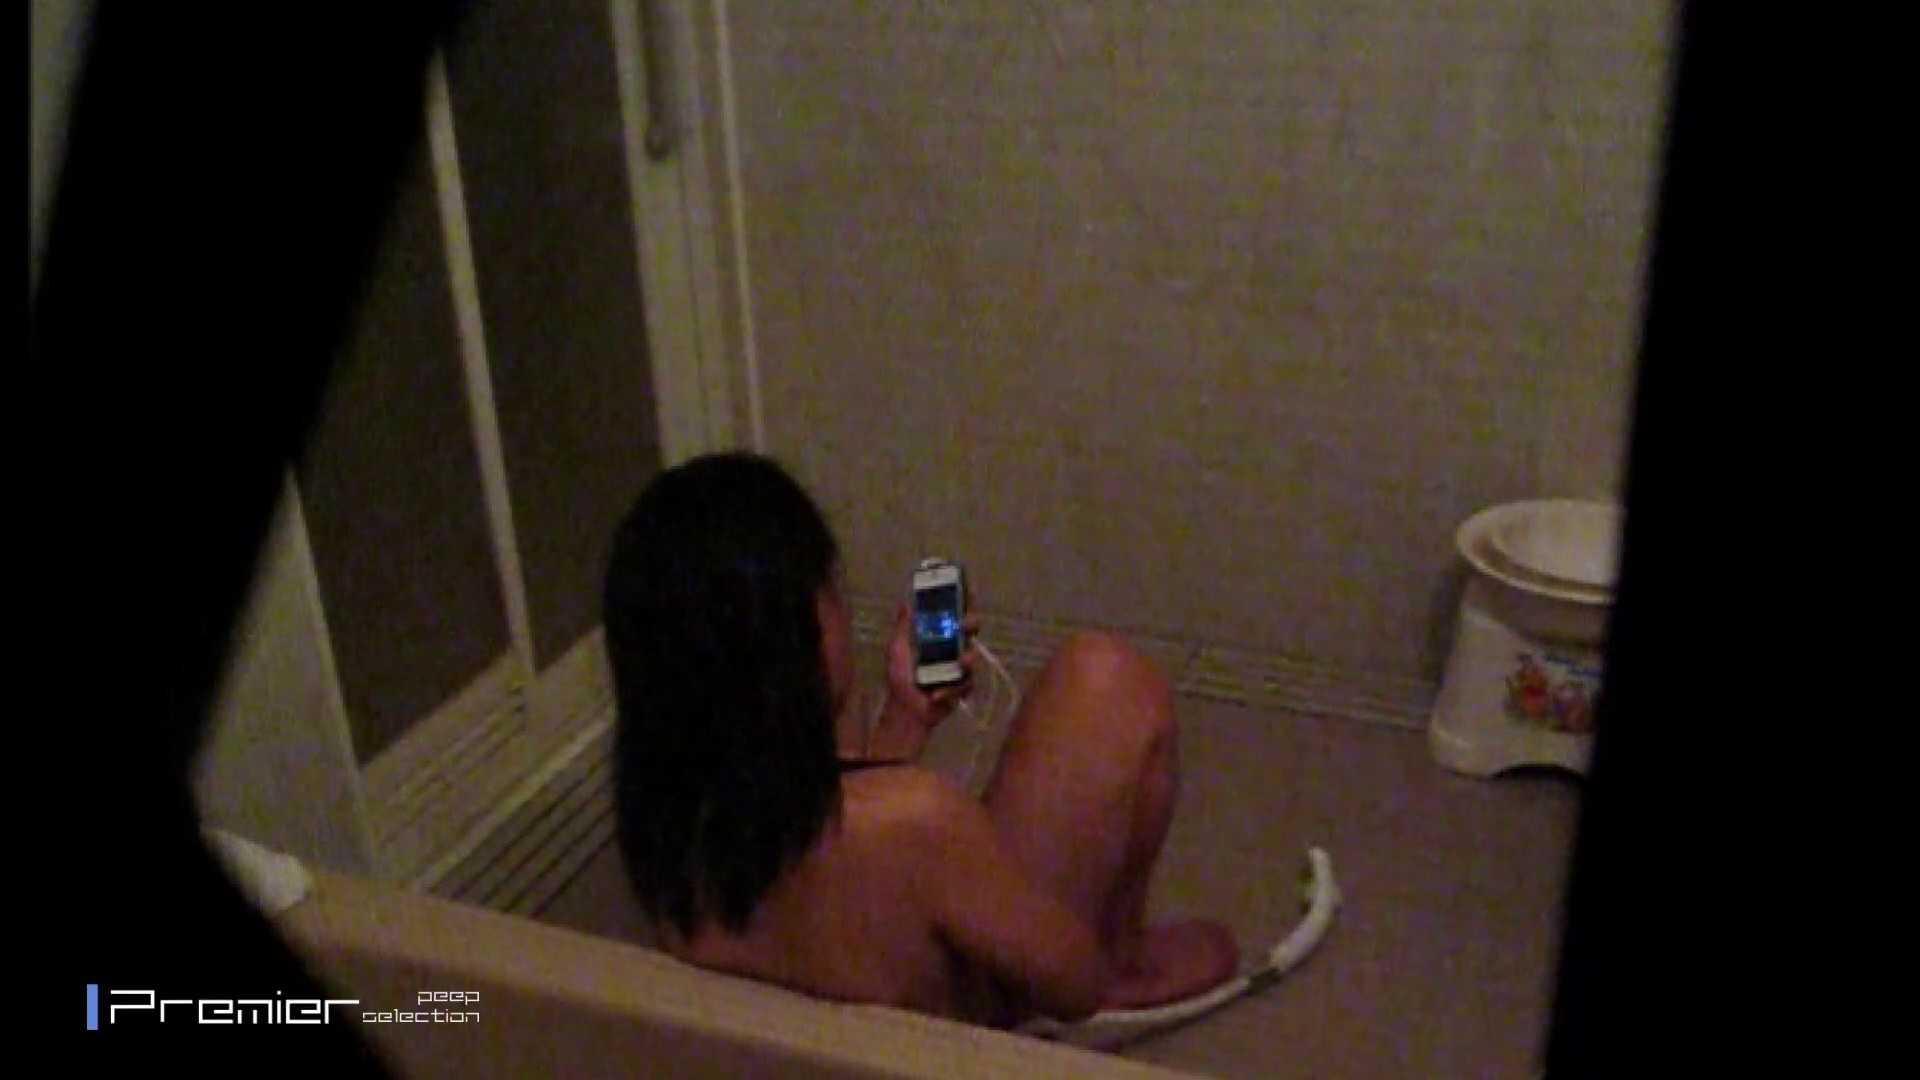 携帯触りなが満子をいじる 乙女の風呂場 Vol.19 乙女 われめAV動画紹介 98pic 22